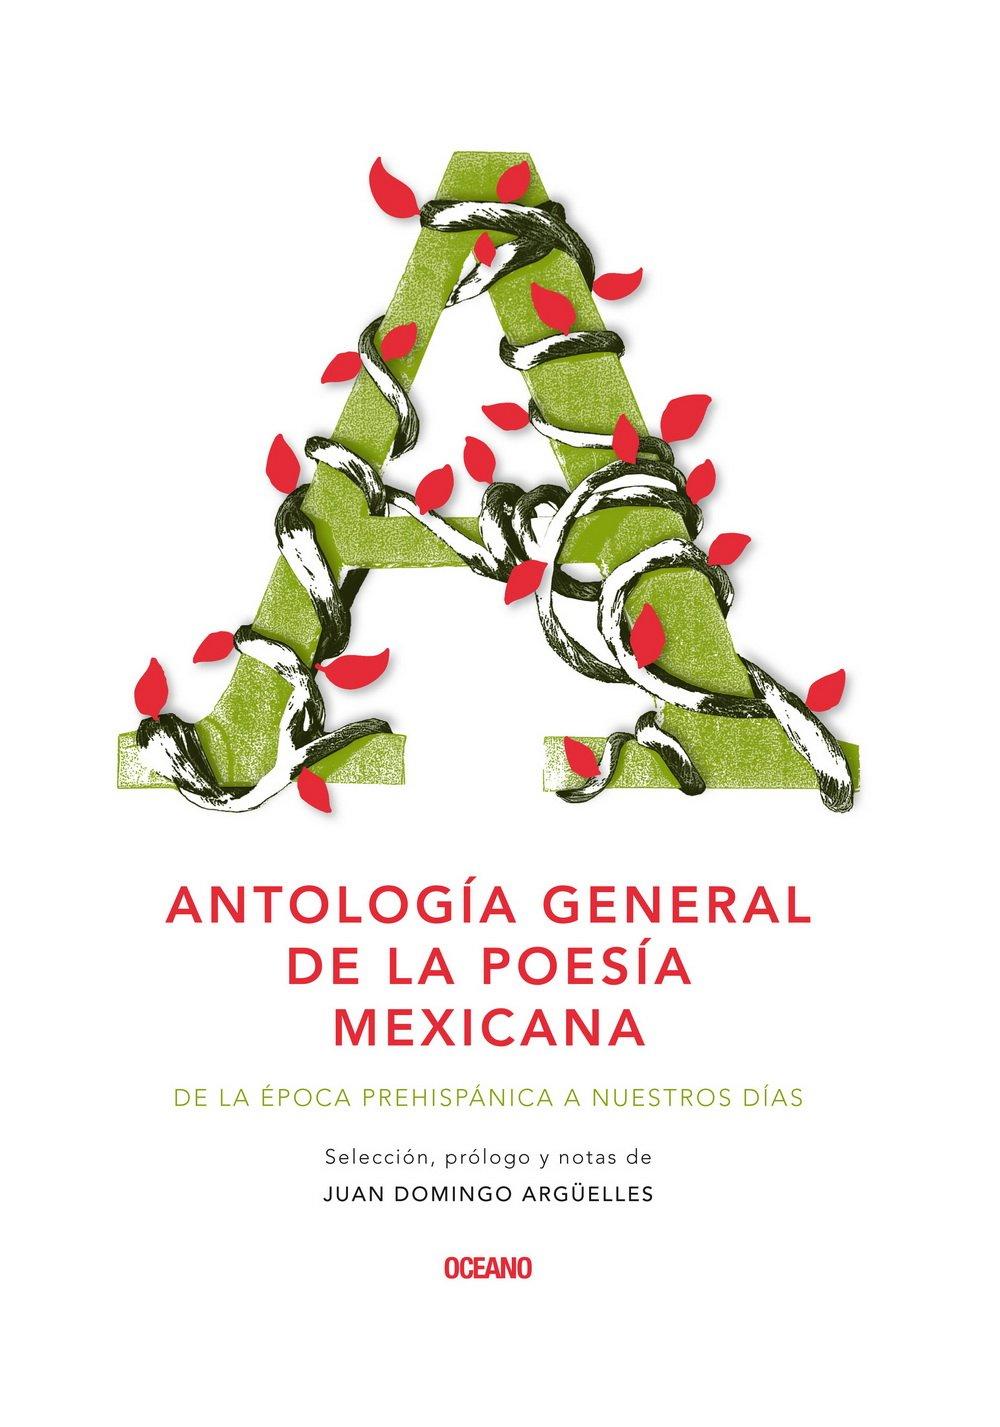 Antología general de la poesía mexicana: De la época prehispánica a nuestro días. (Intemporales. Serie mayor) (Spanish Edition)